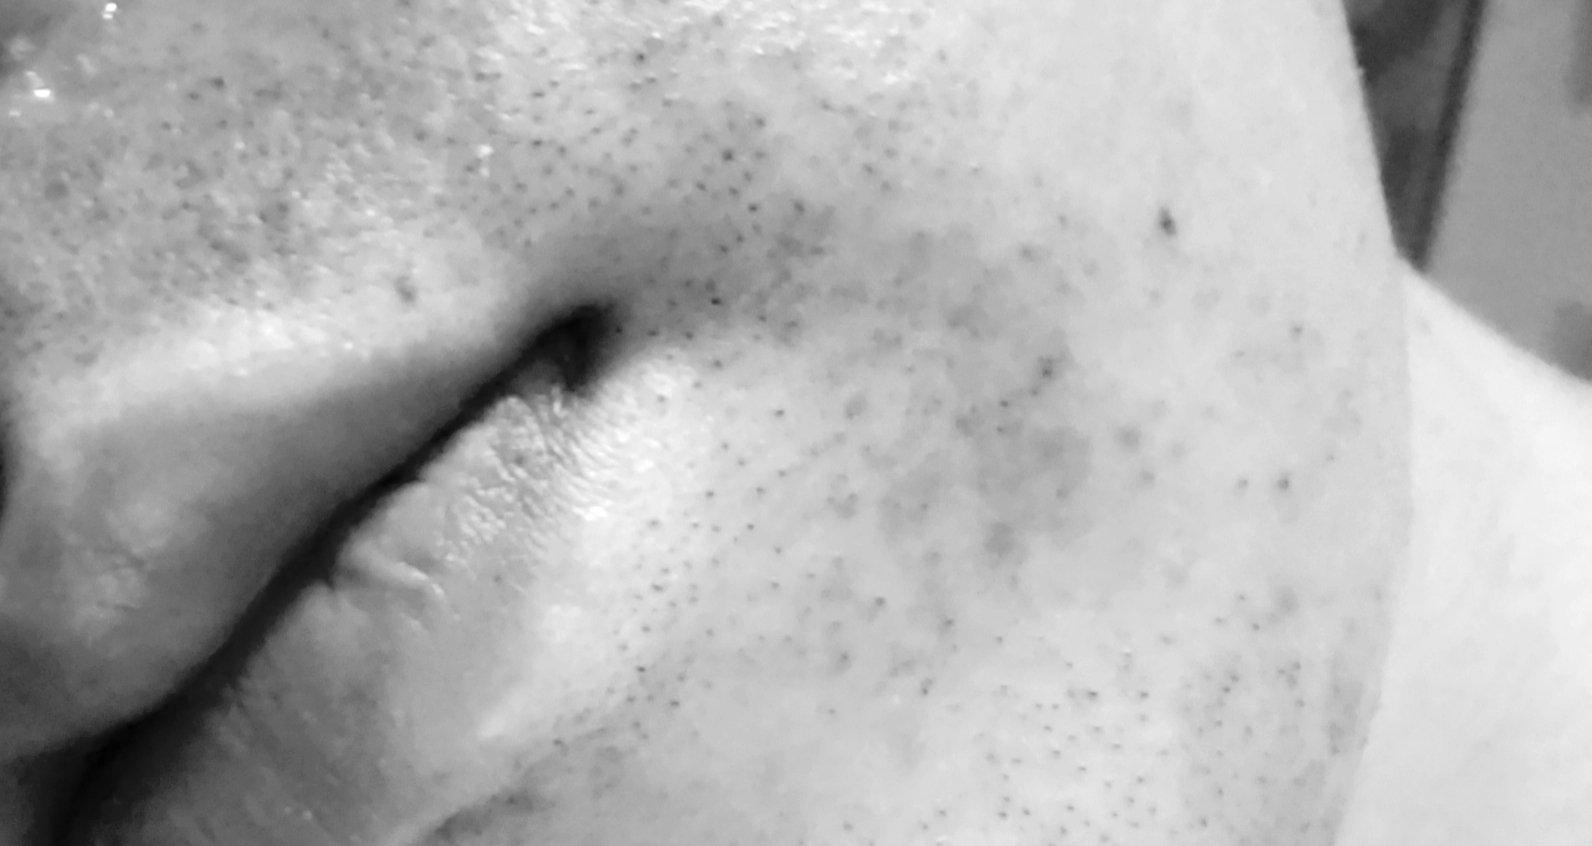 髭を抜くと炎症がひどい